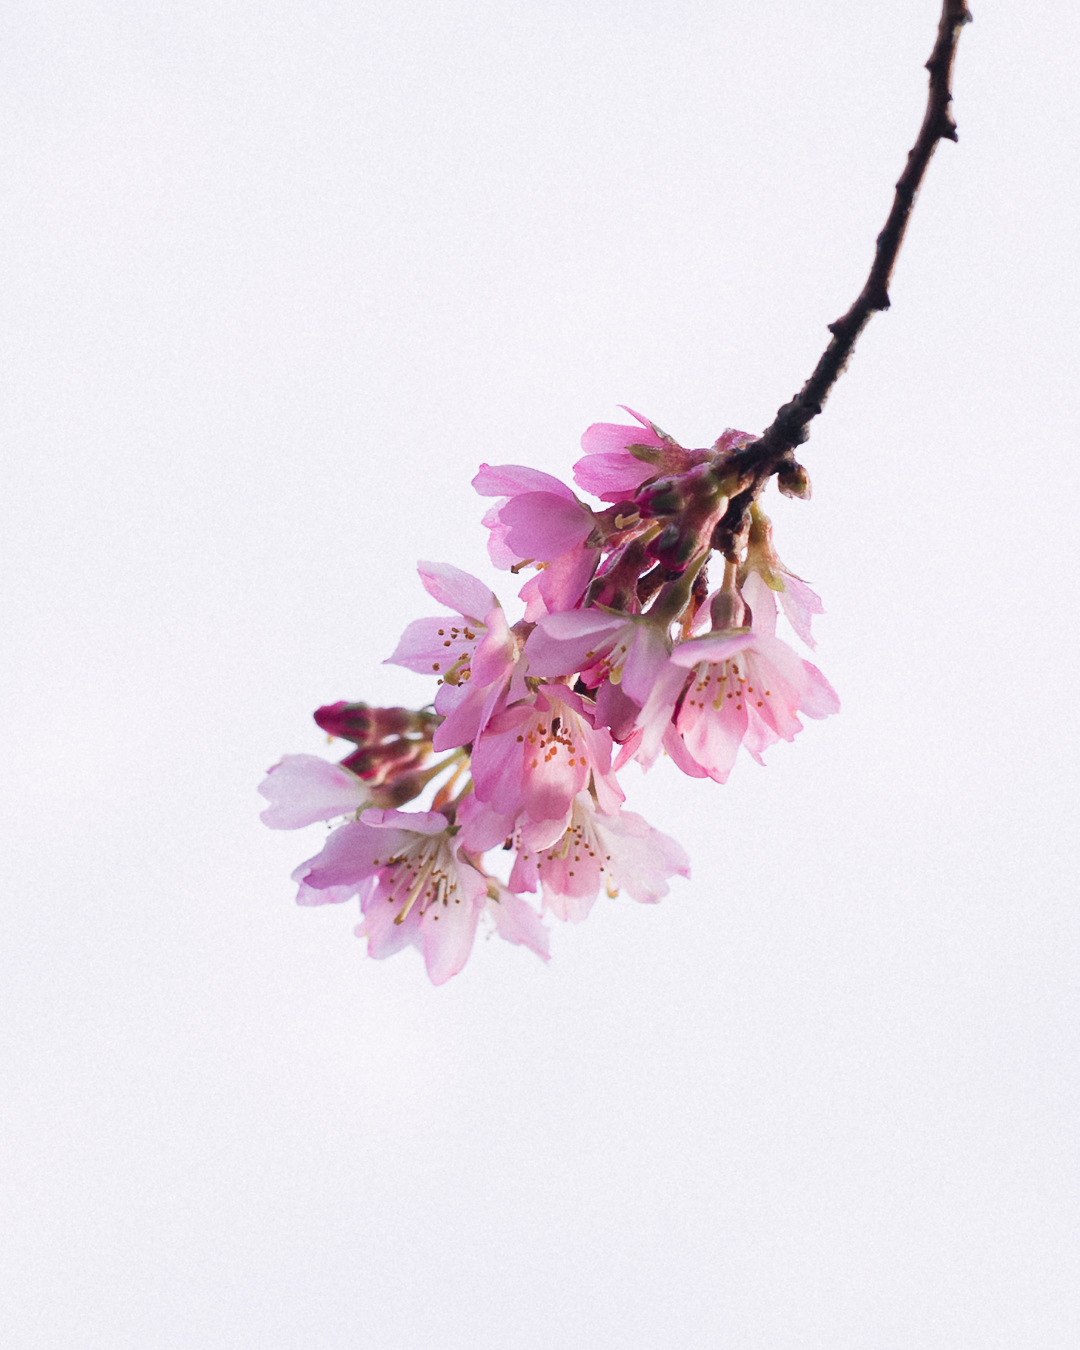 Prunus subhirtella  'Whitcomb'  Stanley Park, 13 January 2019